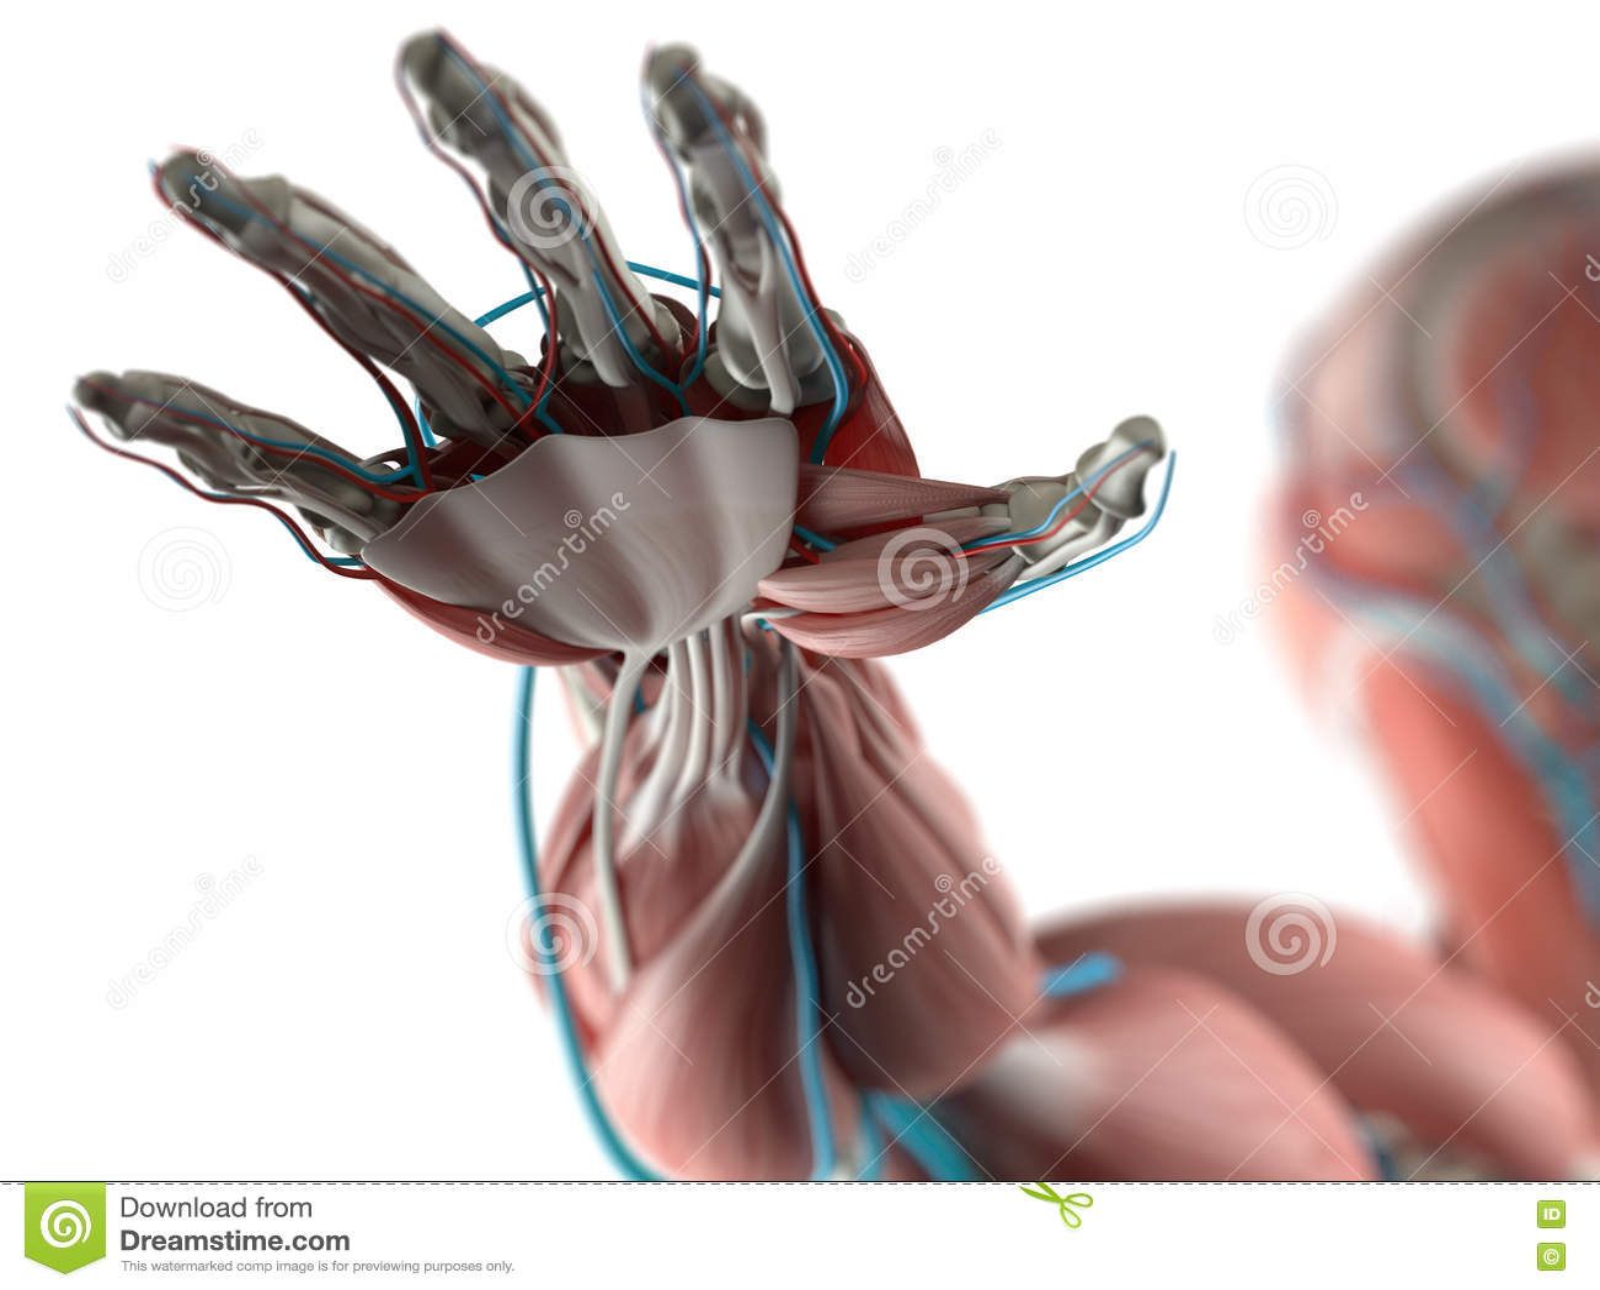 Anatomie Der Menschlichen Hand Stock Abbildung - Illustration von ...